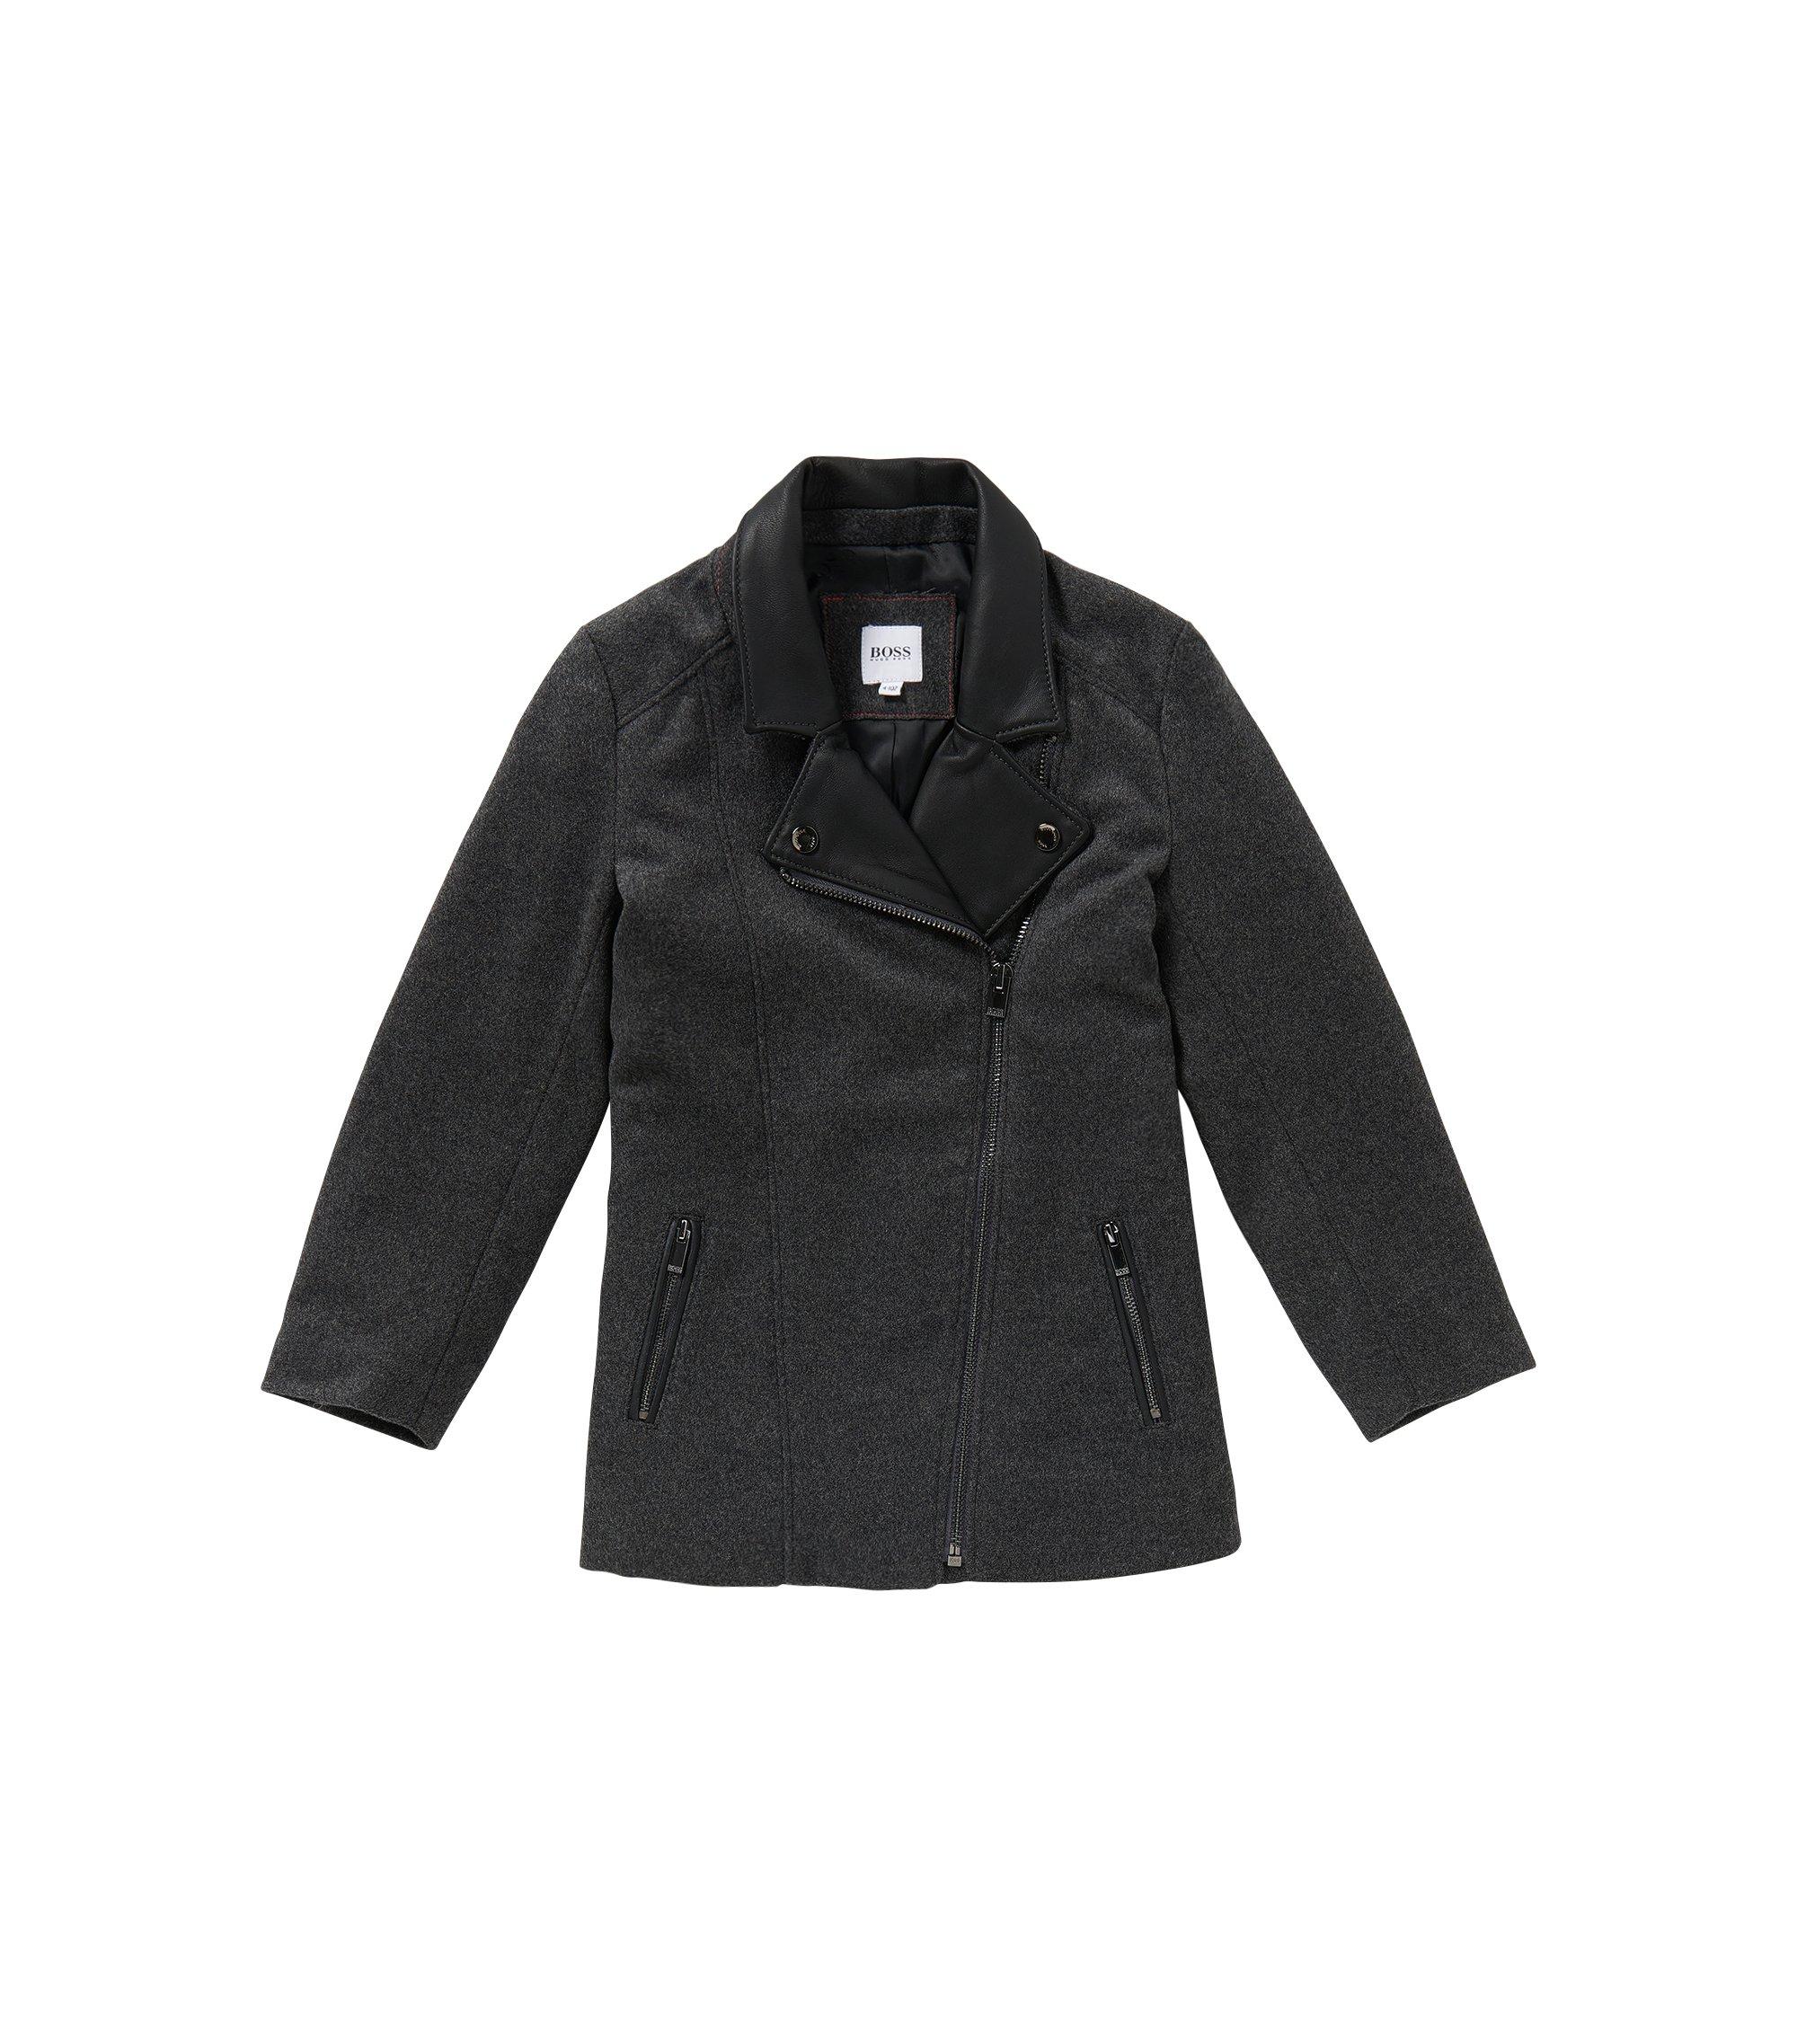 Mantel aus Woll-Mix mit Leder-Besatz: 'J16111', Anthrazit